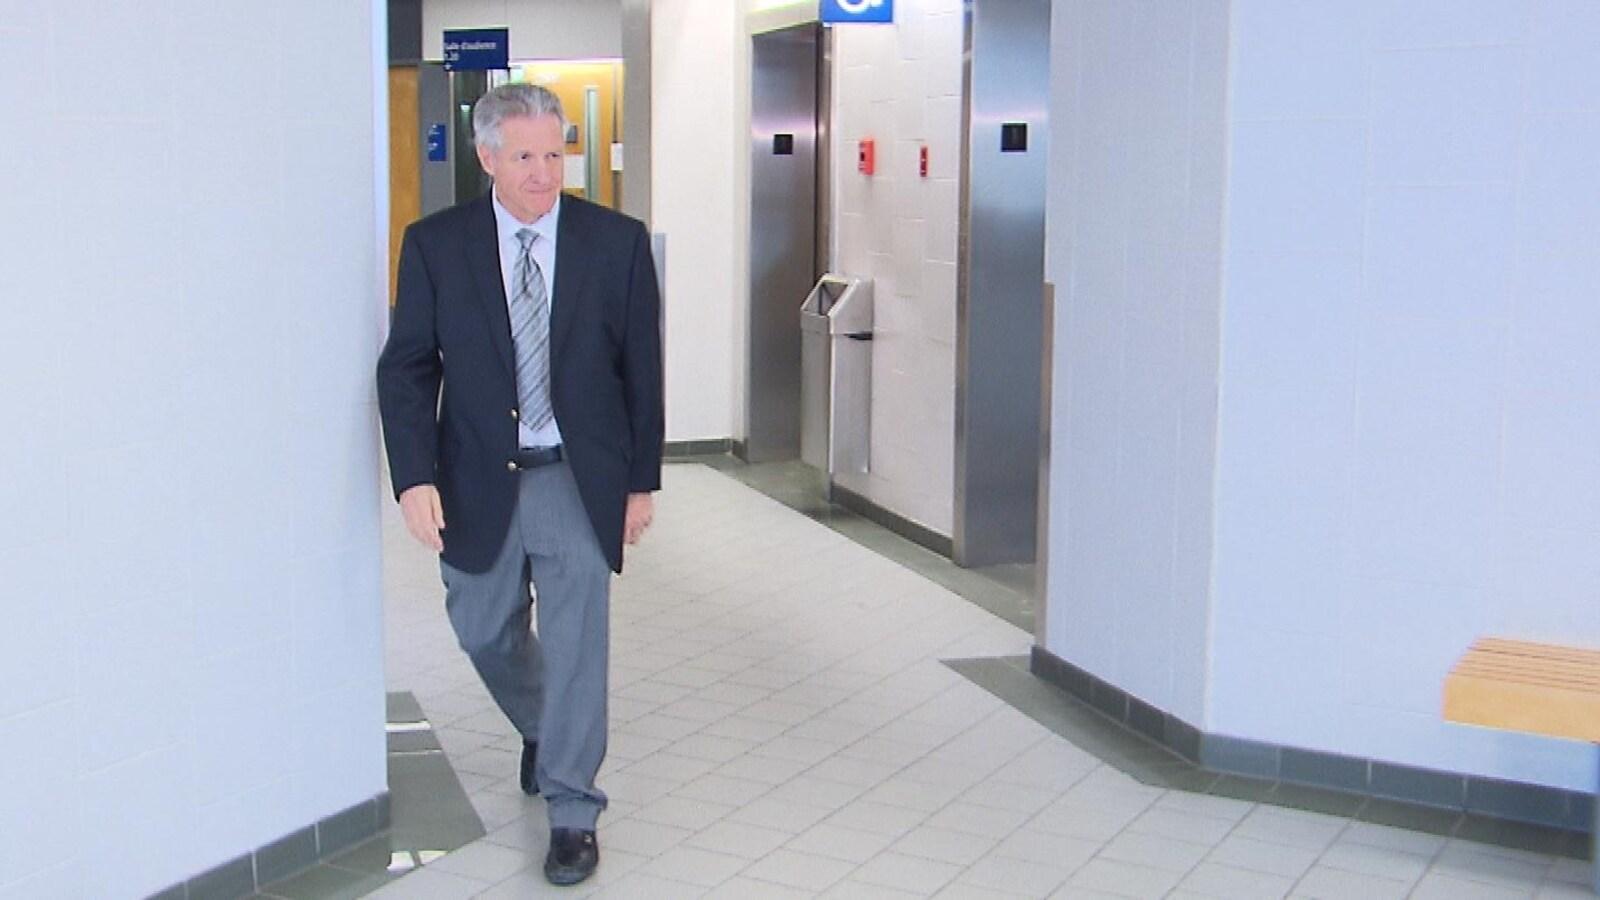 L'entrepreneur Tony Accurso marche dans un corridor du palais de justice de Joliette